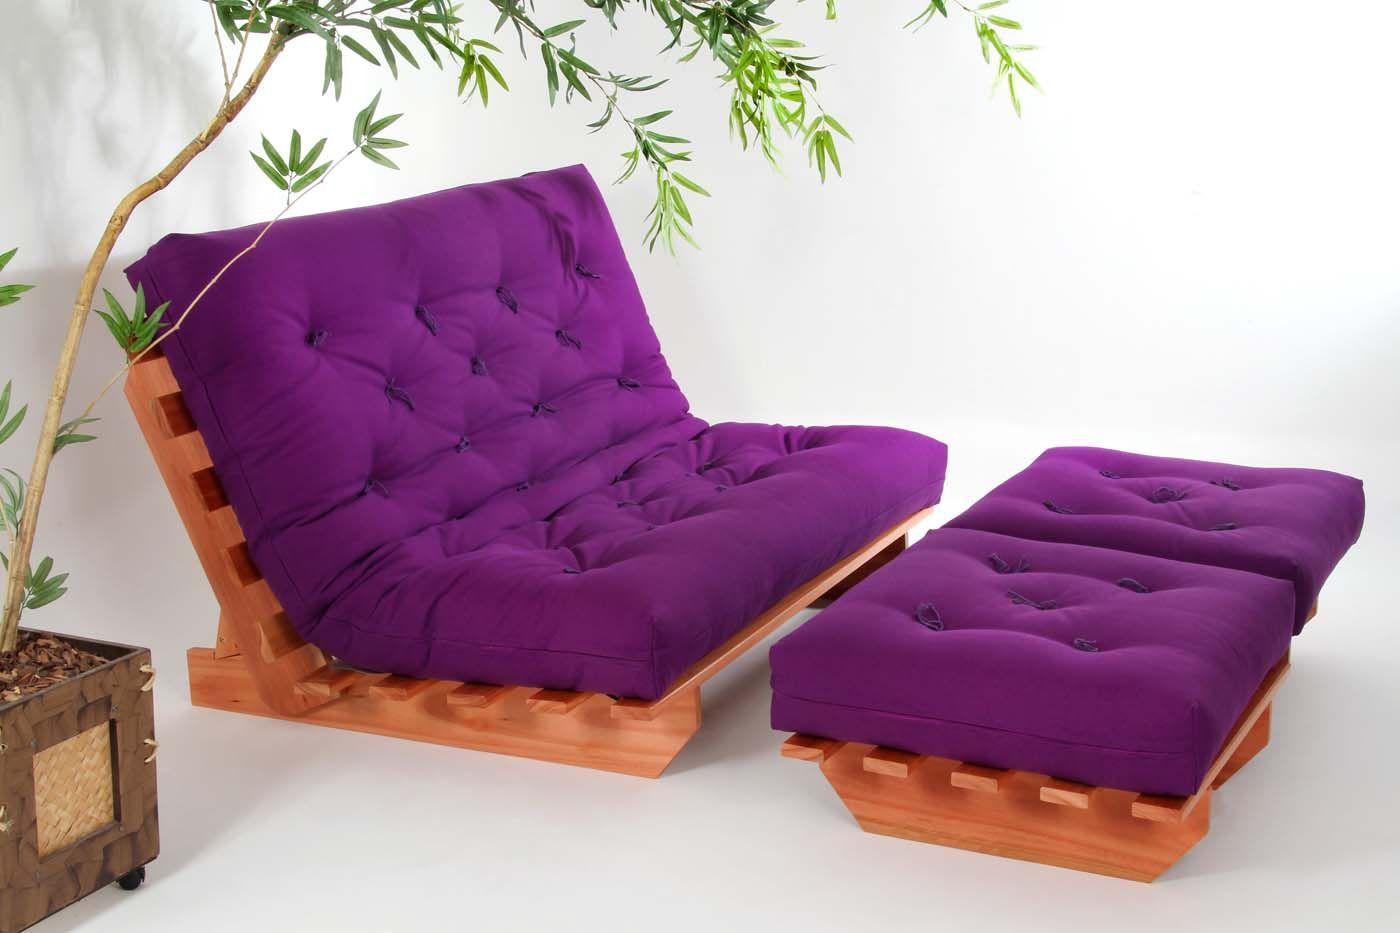 Sof cama futon modelo indiano casal tecido 100 algod o for Modelos de sofa cama